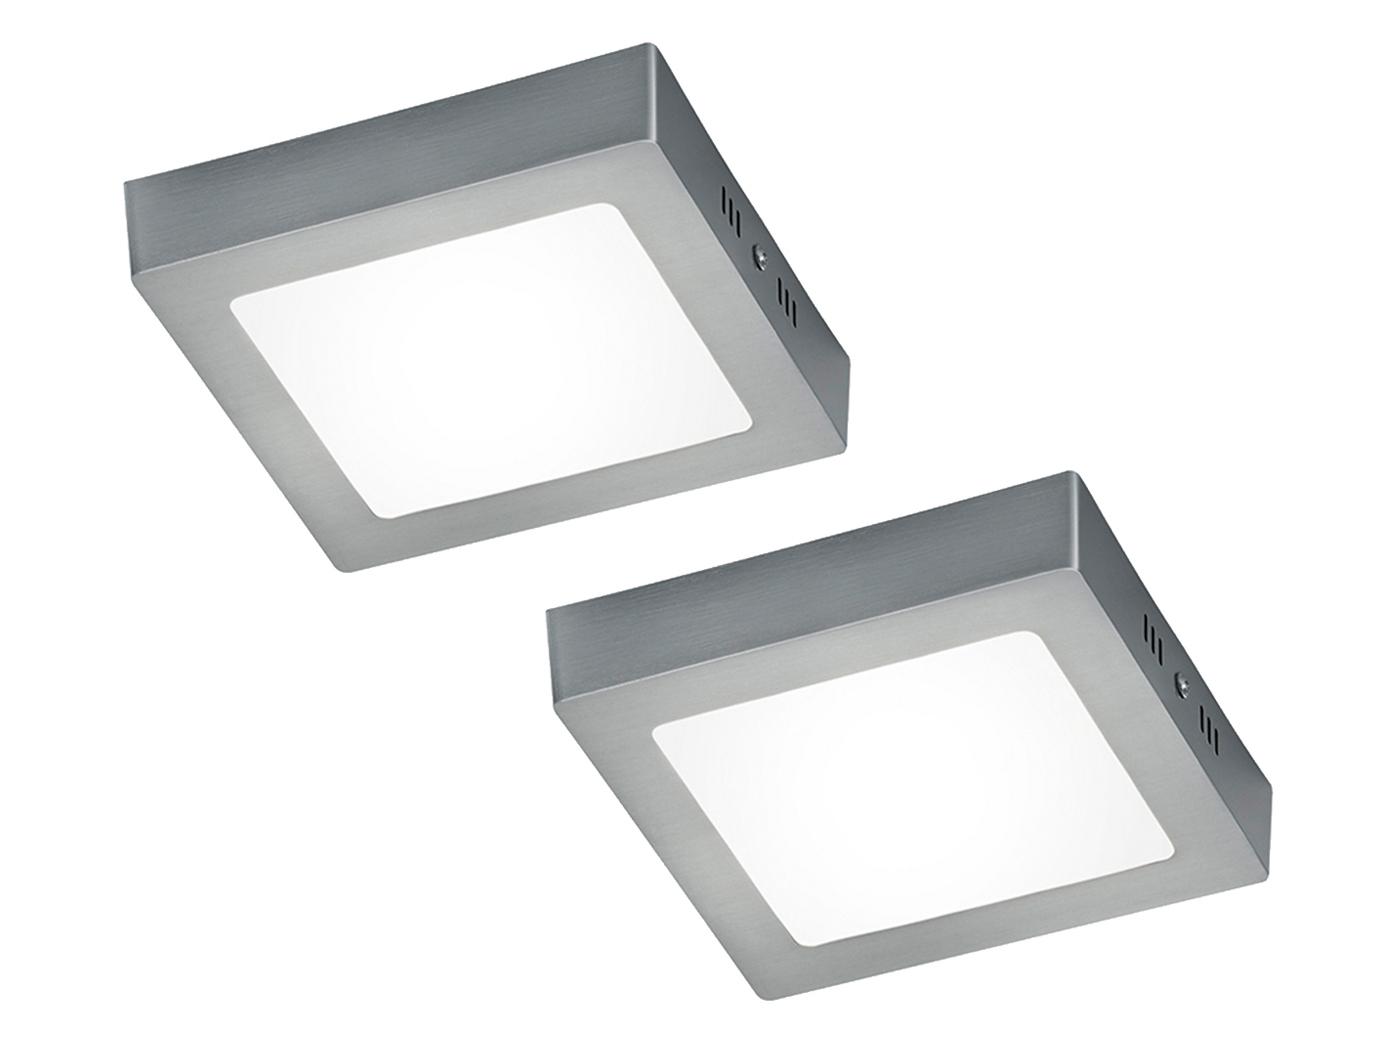 LED Deckenleuchte Deckenlampe ZEUS Nickel matt Acryl weiß 12 x 12 cm